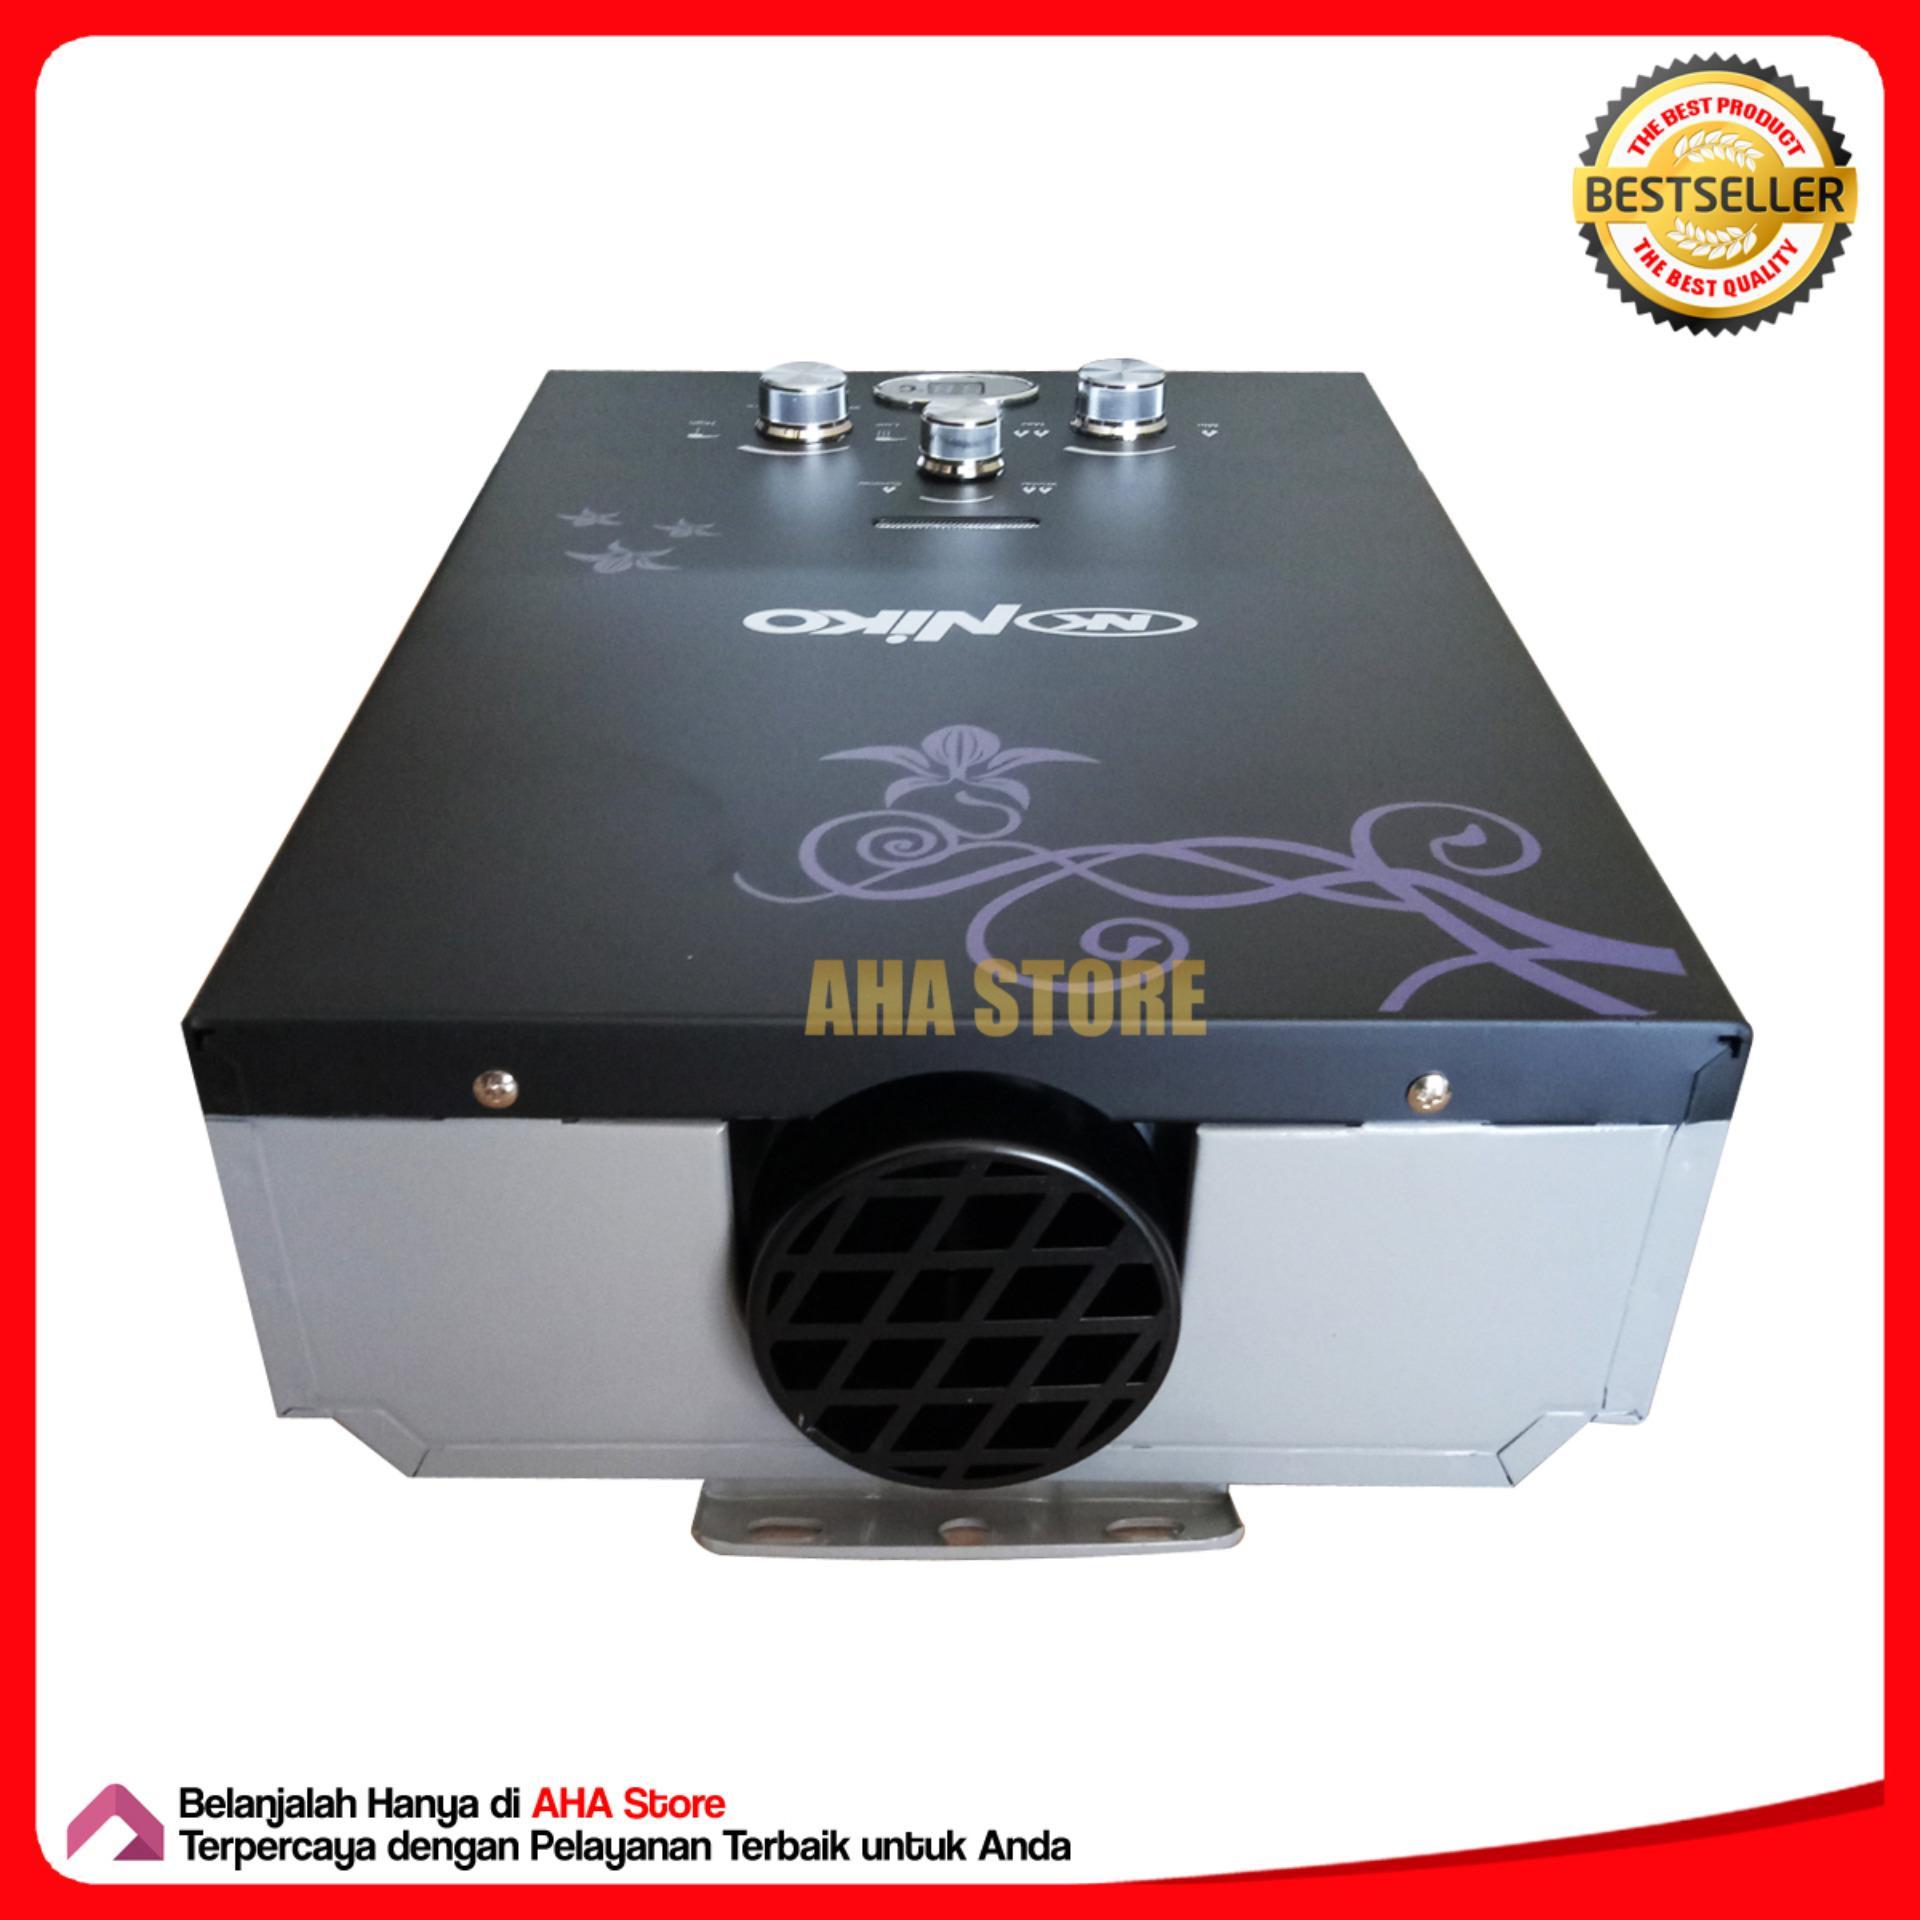 Harga Penawaran Niko Gas Water Heater Pemanas Air Nk6ld Hitam Wika Lxc 150 Tenaga Matahari